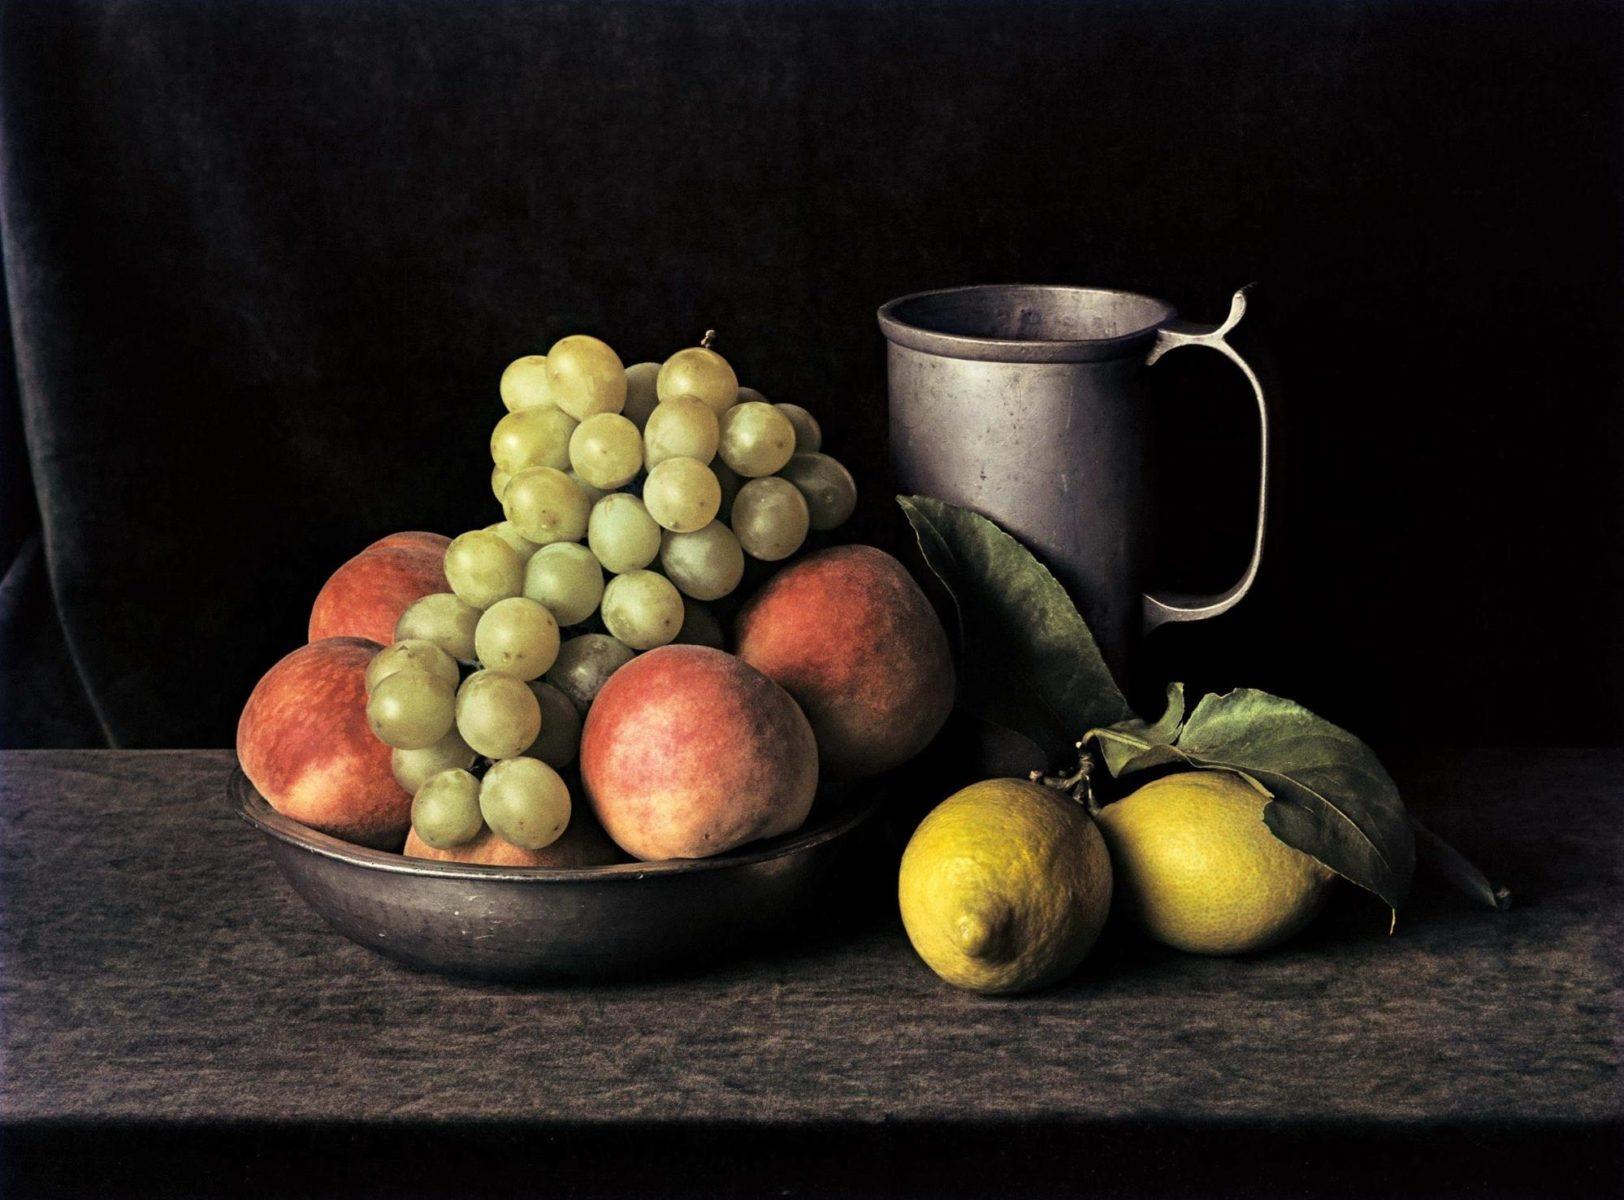 Pichet en étain avec raisins (Still Life No.7), New York, 1997, photographie couleur par Evelyn Hofer